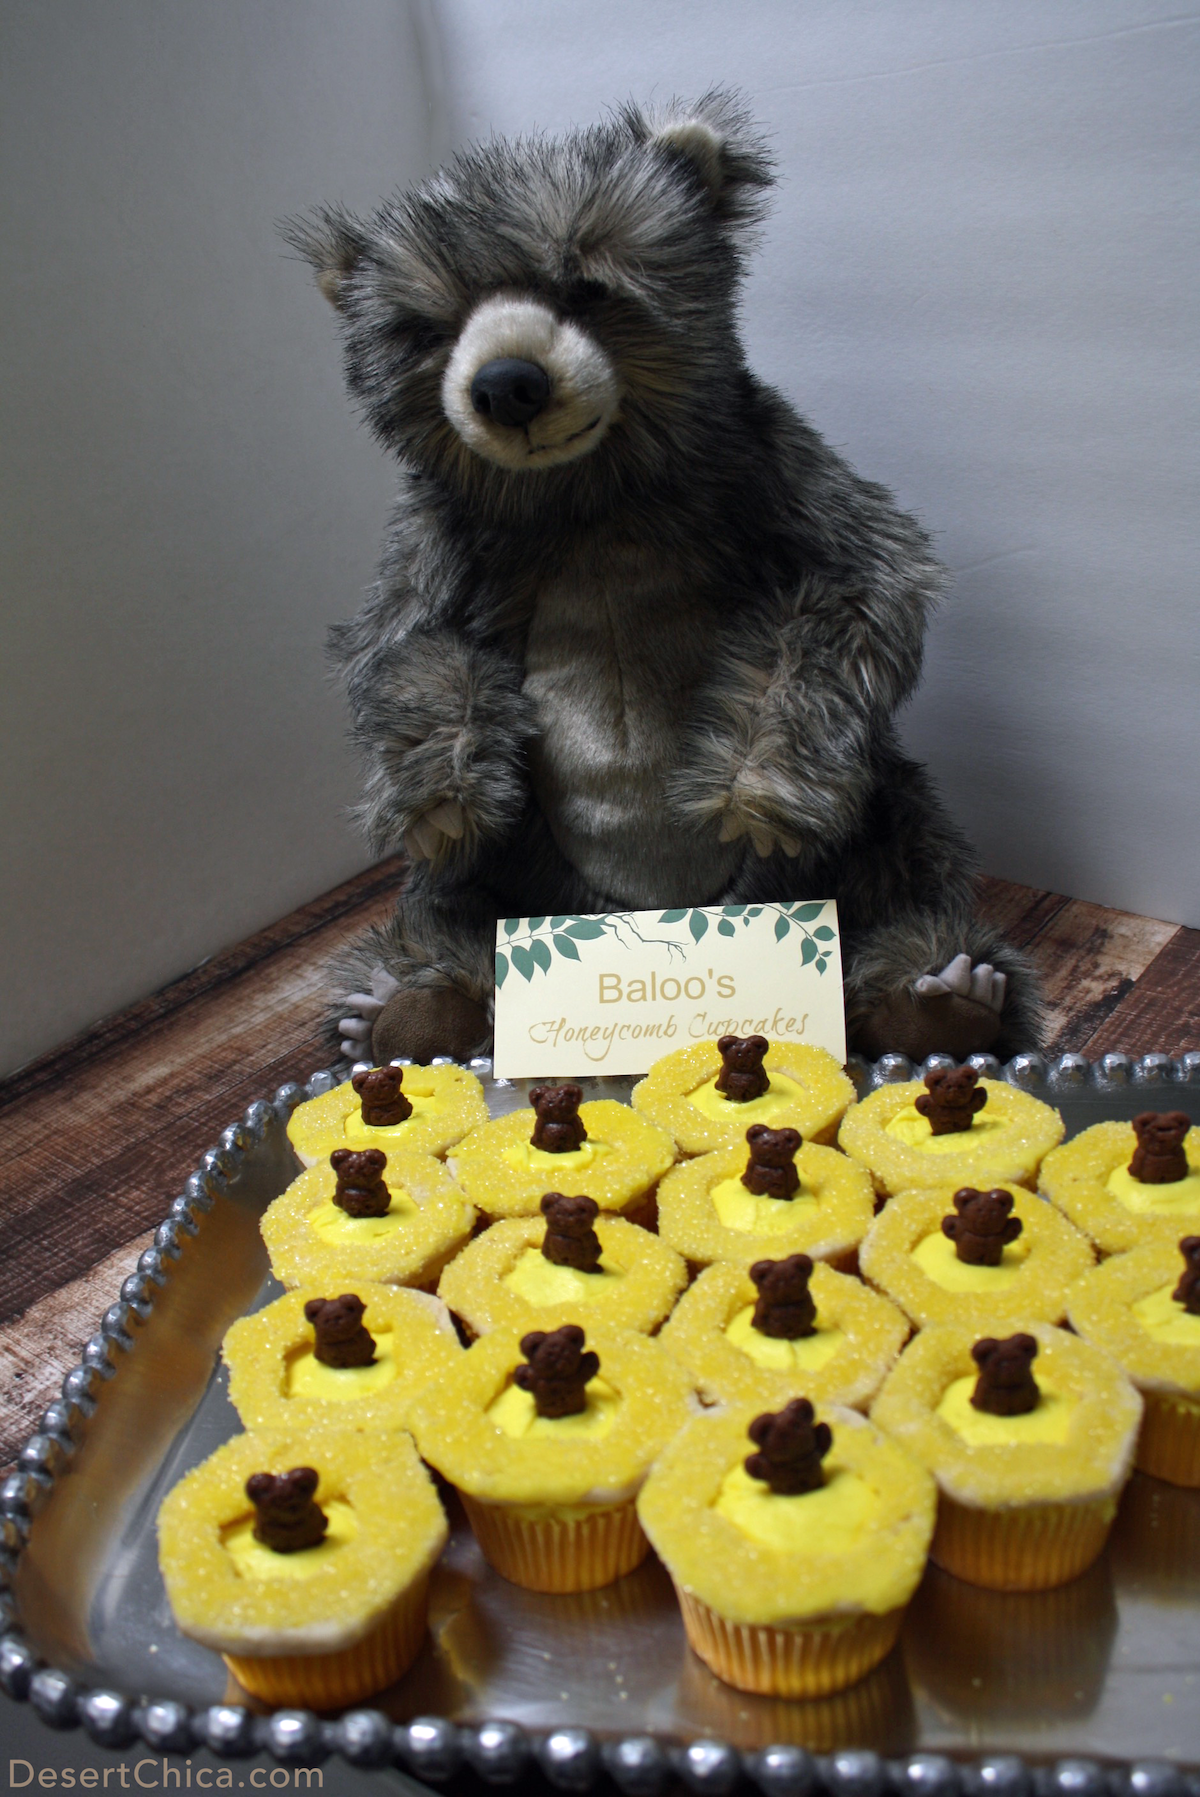 Baloo's Honeycomb cupcakes